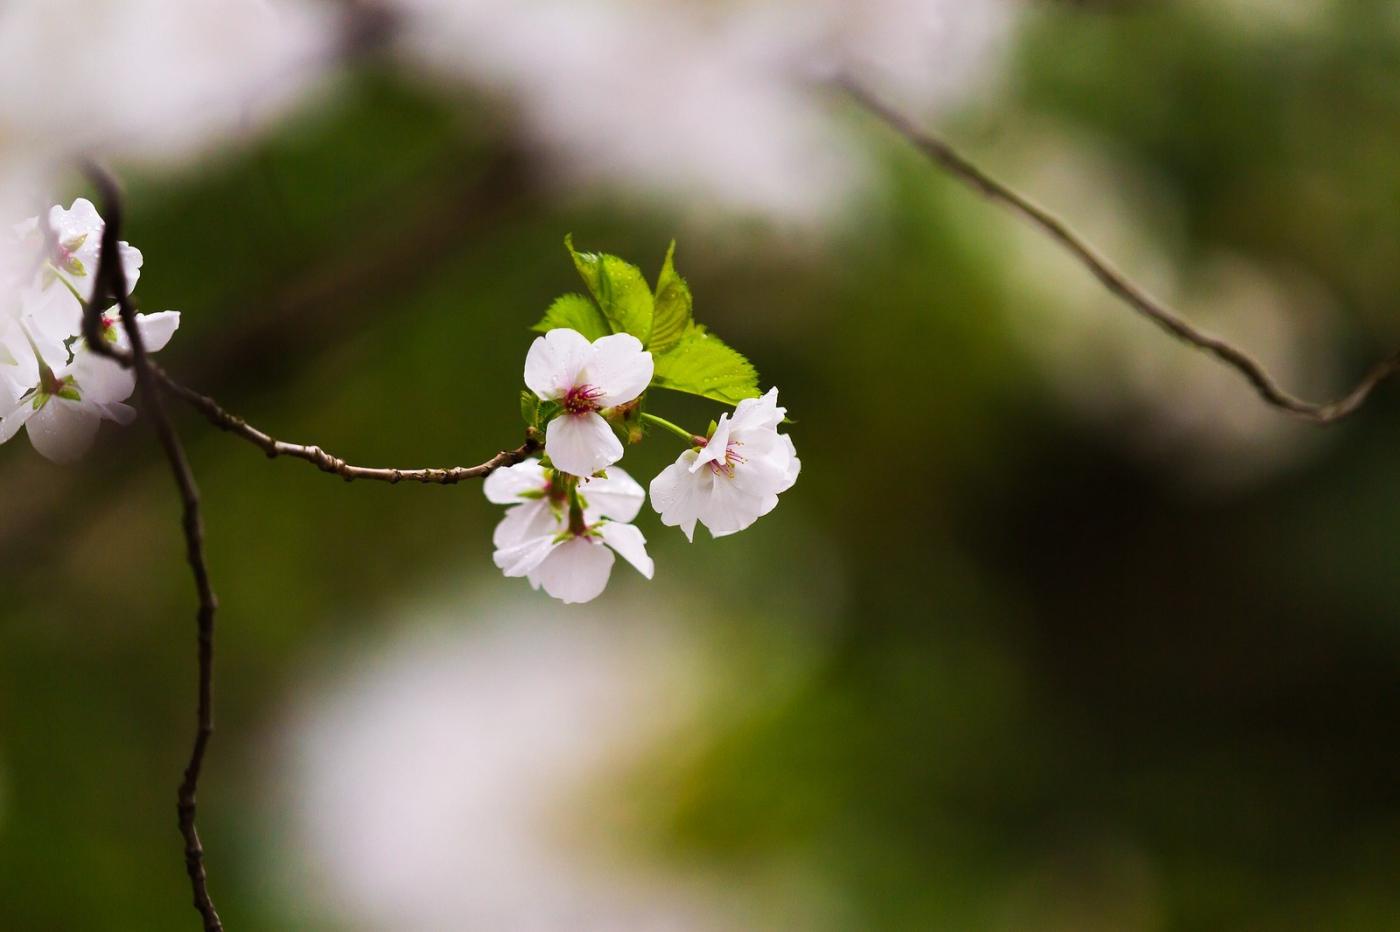 白色李花,粉色芯_圖1-8